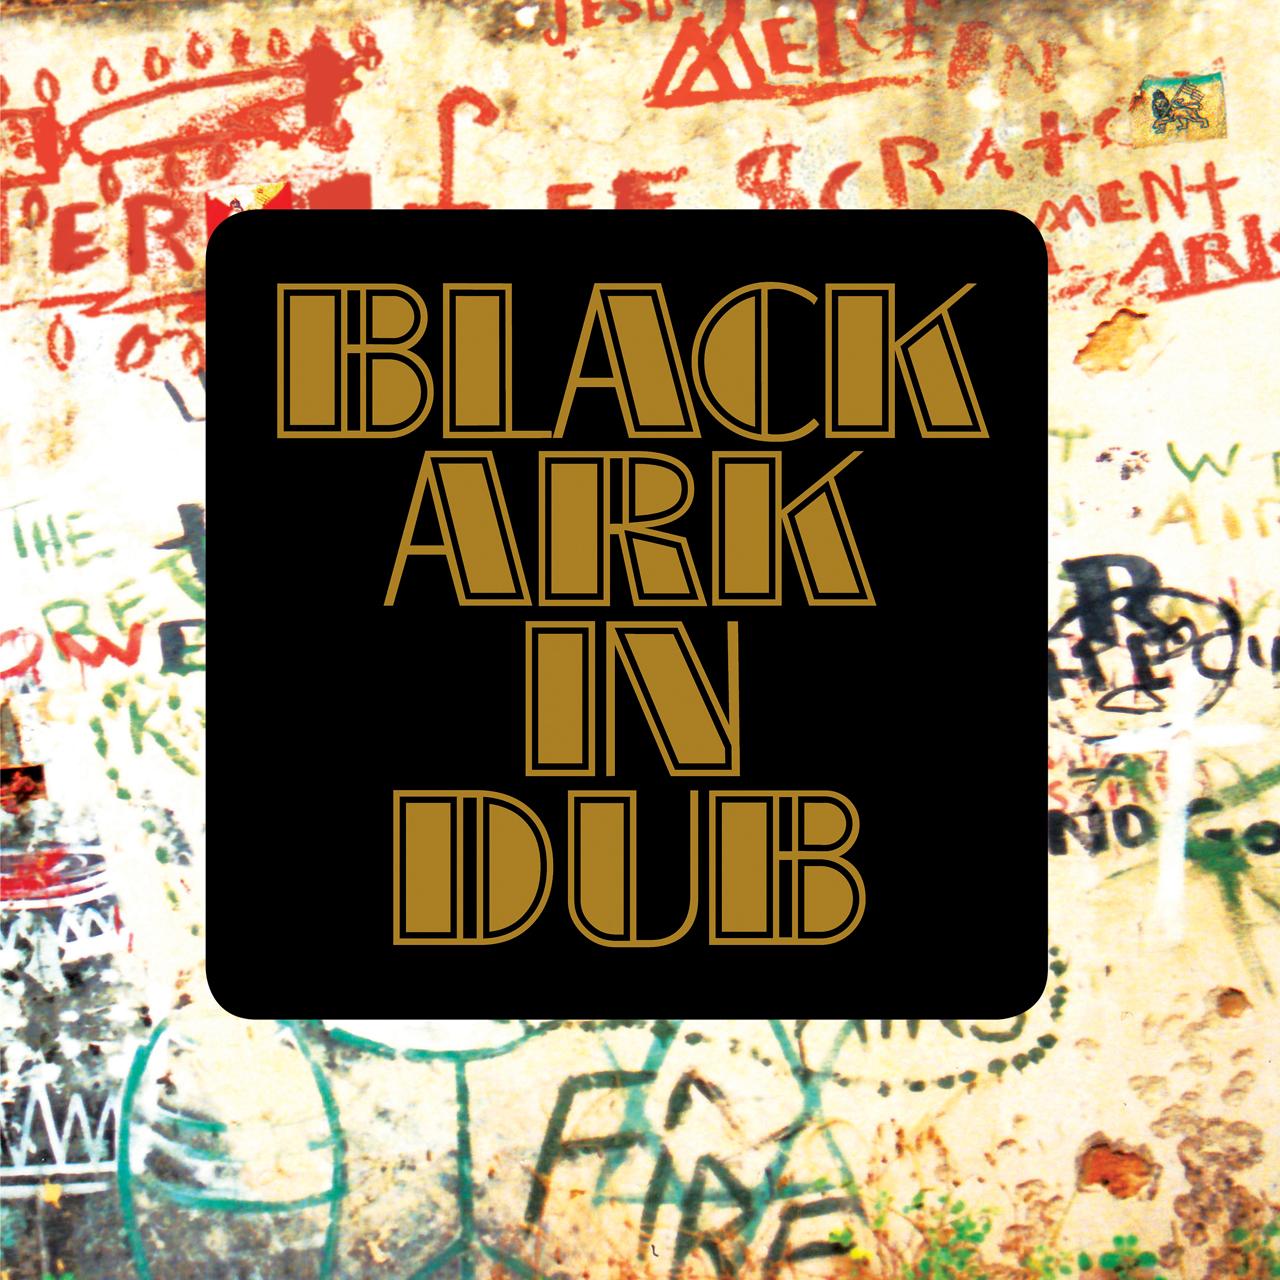 Black Ark In Dub (2CD Set)